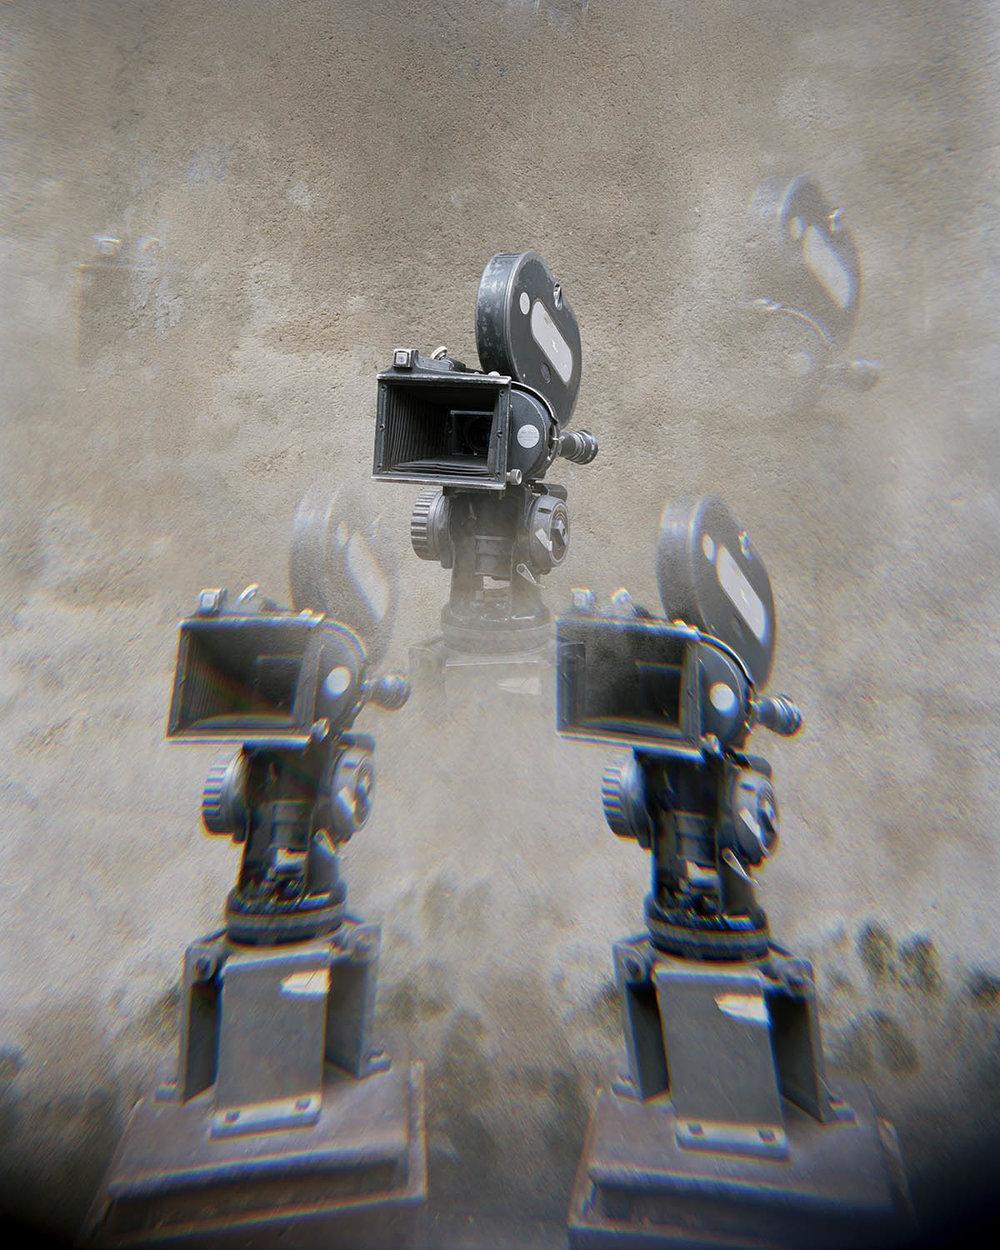 Manik da's Camera (Image India)-1,  2013/14 from  Film Studio Series